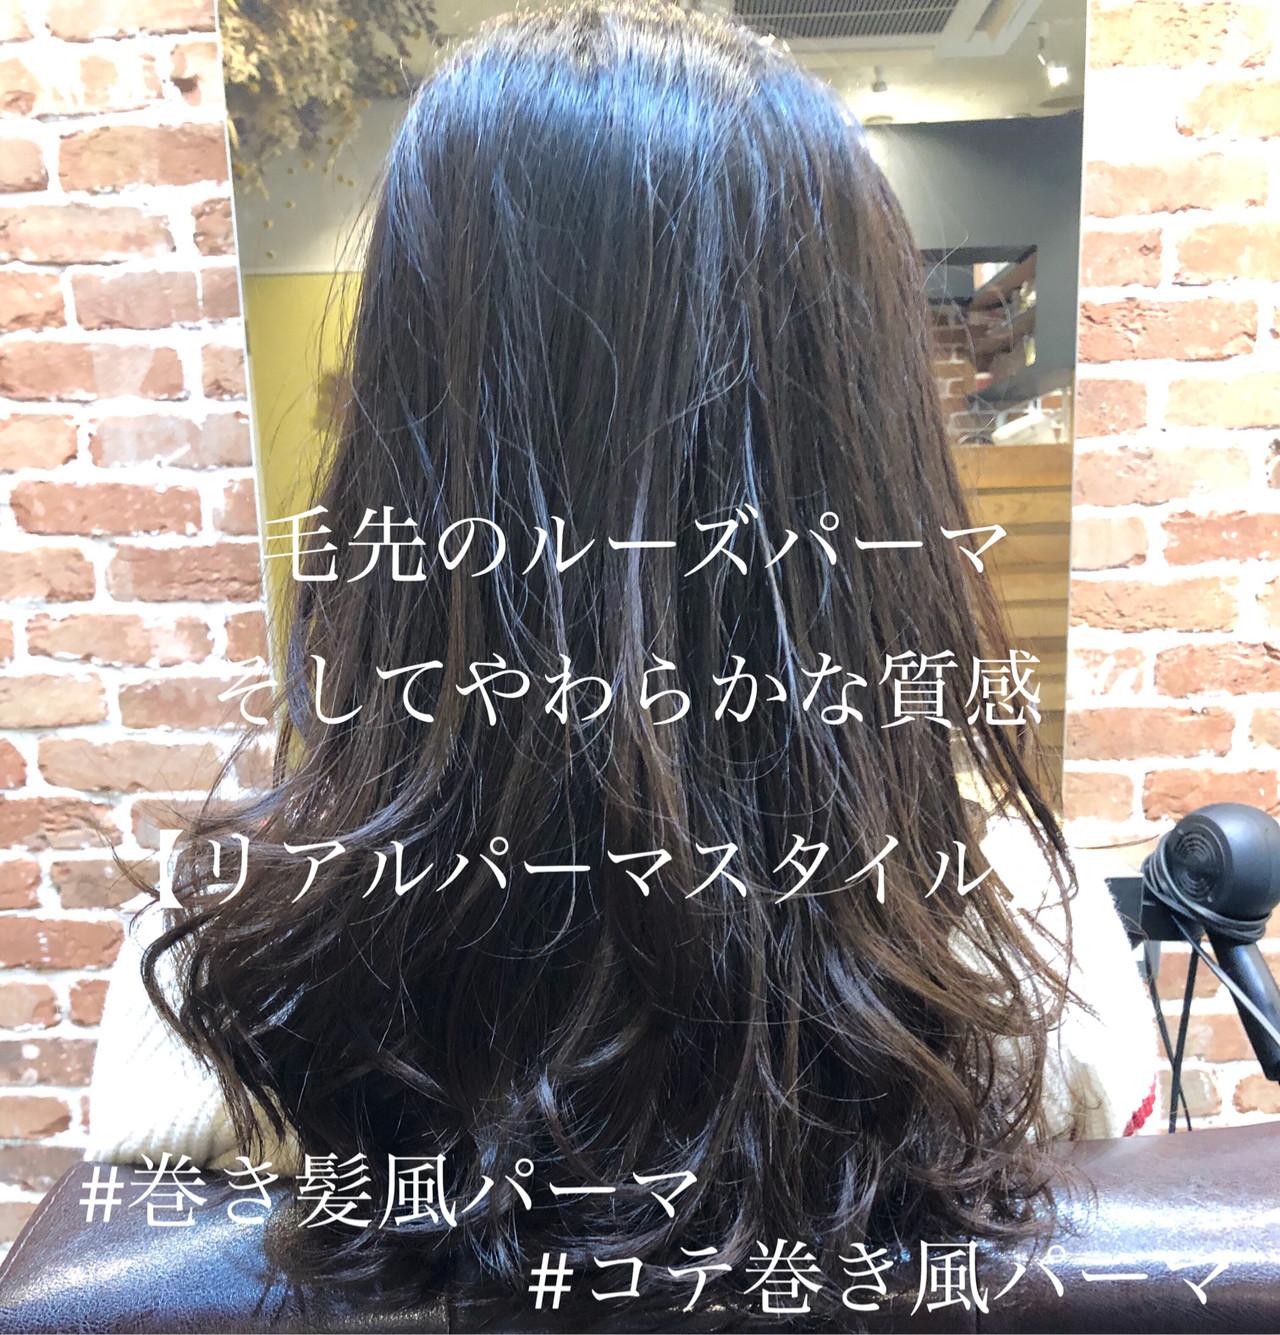 ナチュラル ゆるふわ パーマ ゆるふわパーマヘアスタイルや髪型の写真・画像